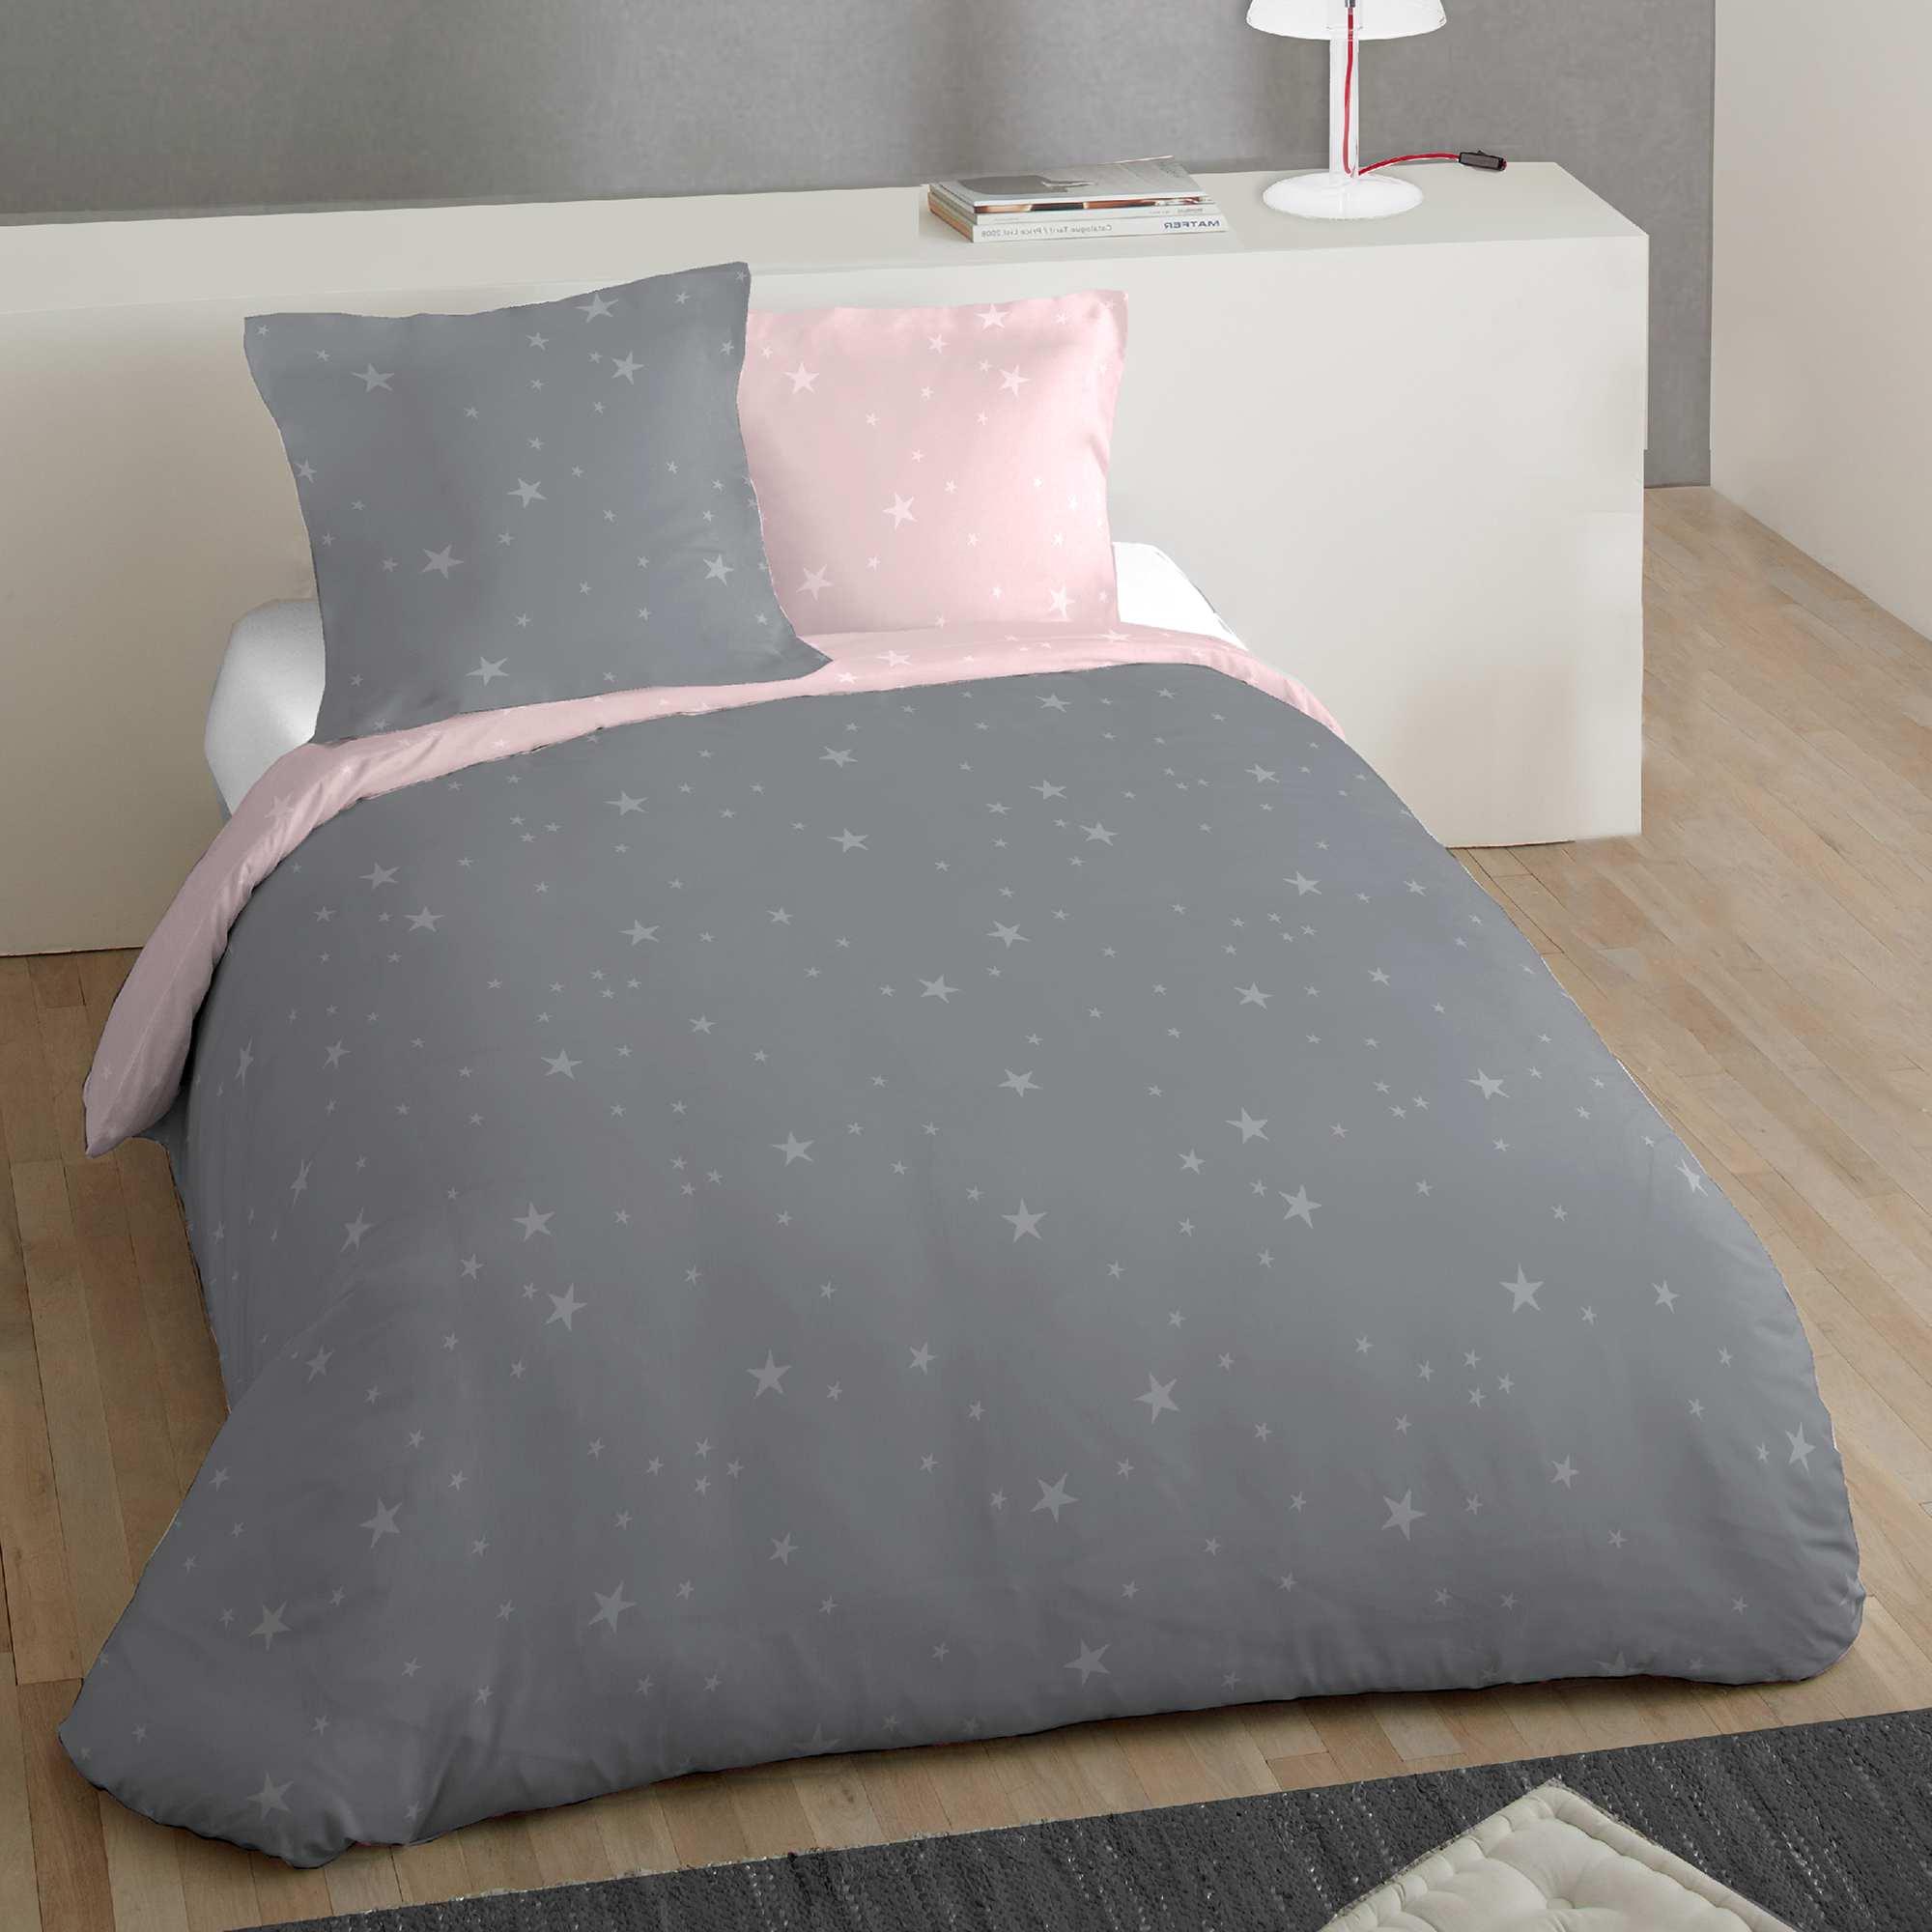 Juego de cama doble estampado 39 estrellas 39 hogar gris - Doble cama para ninos ...